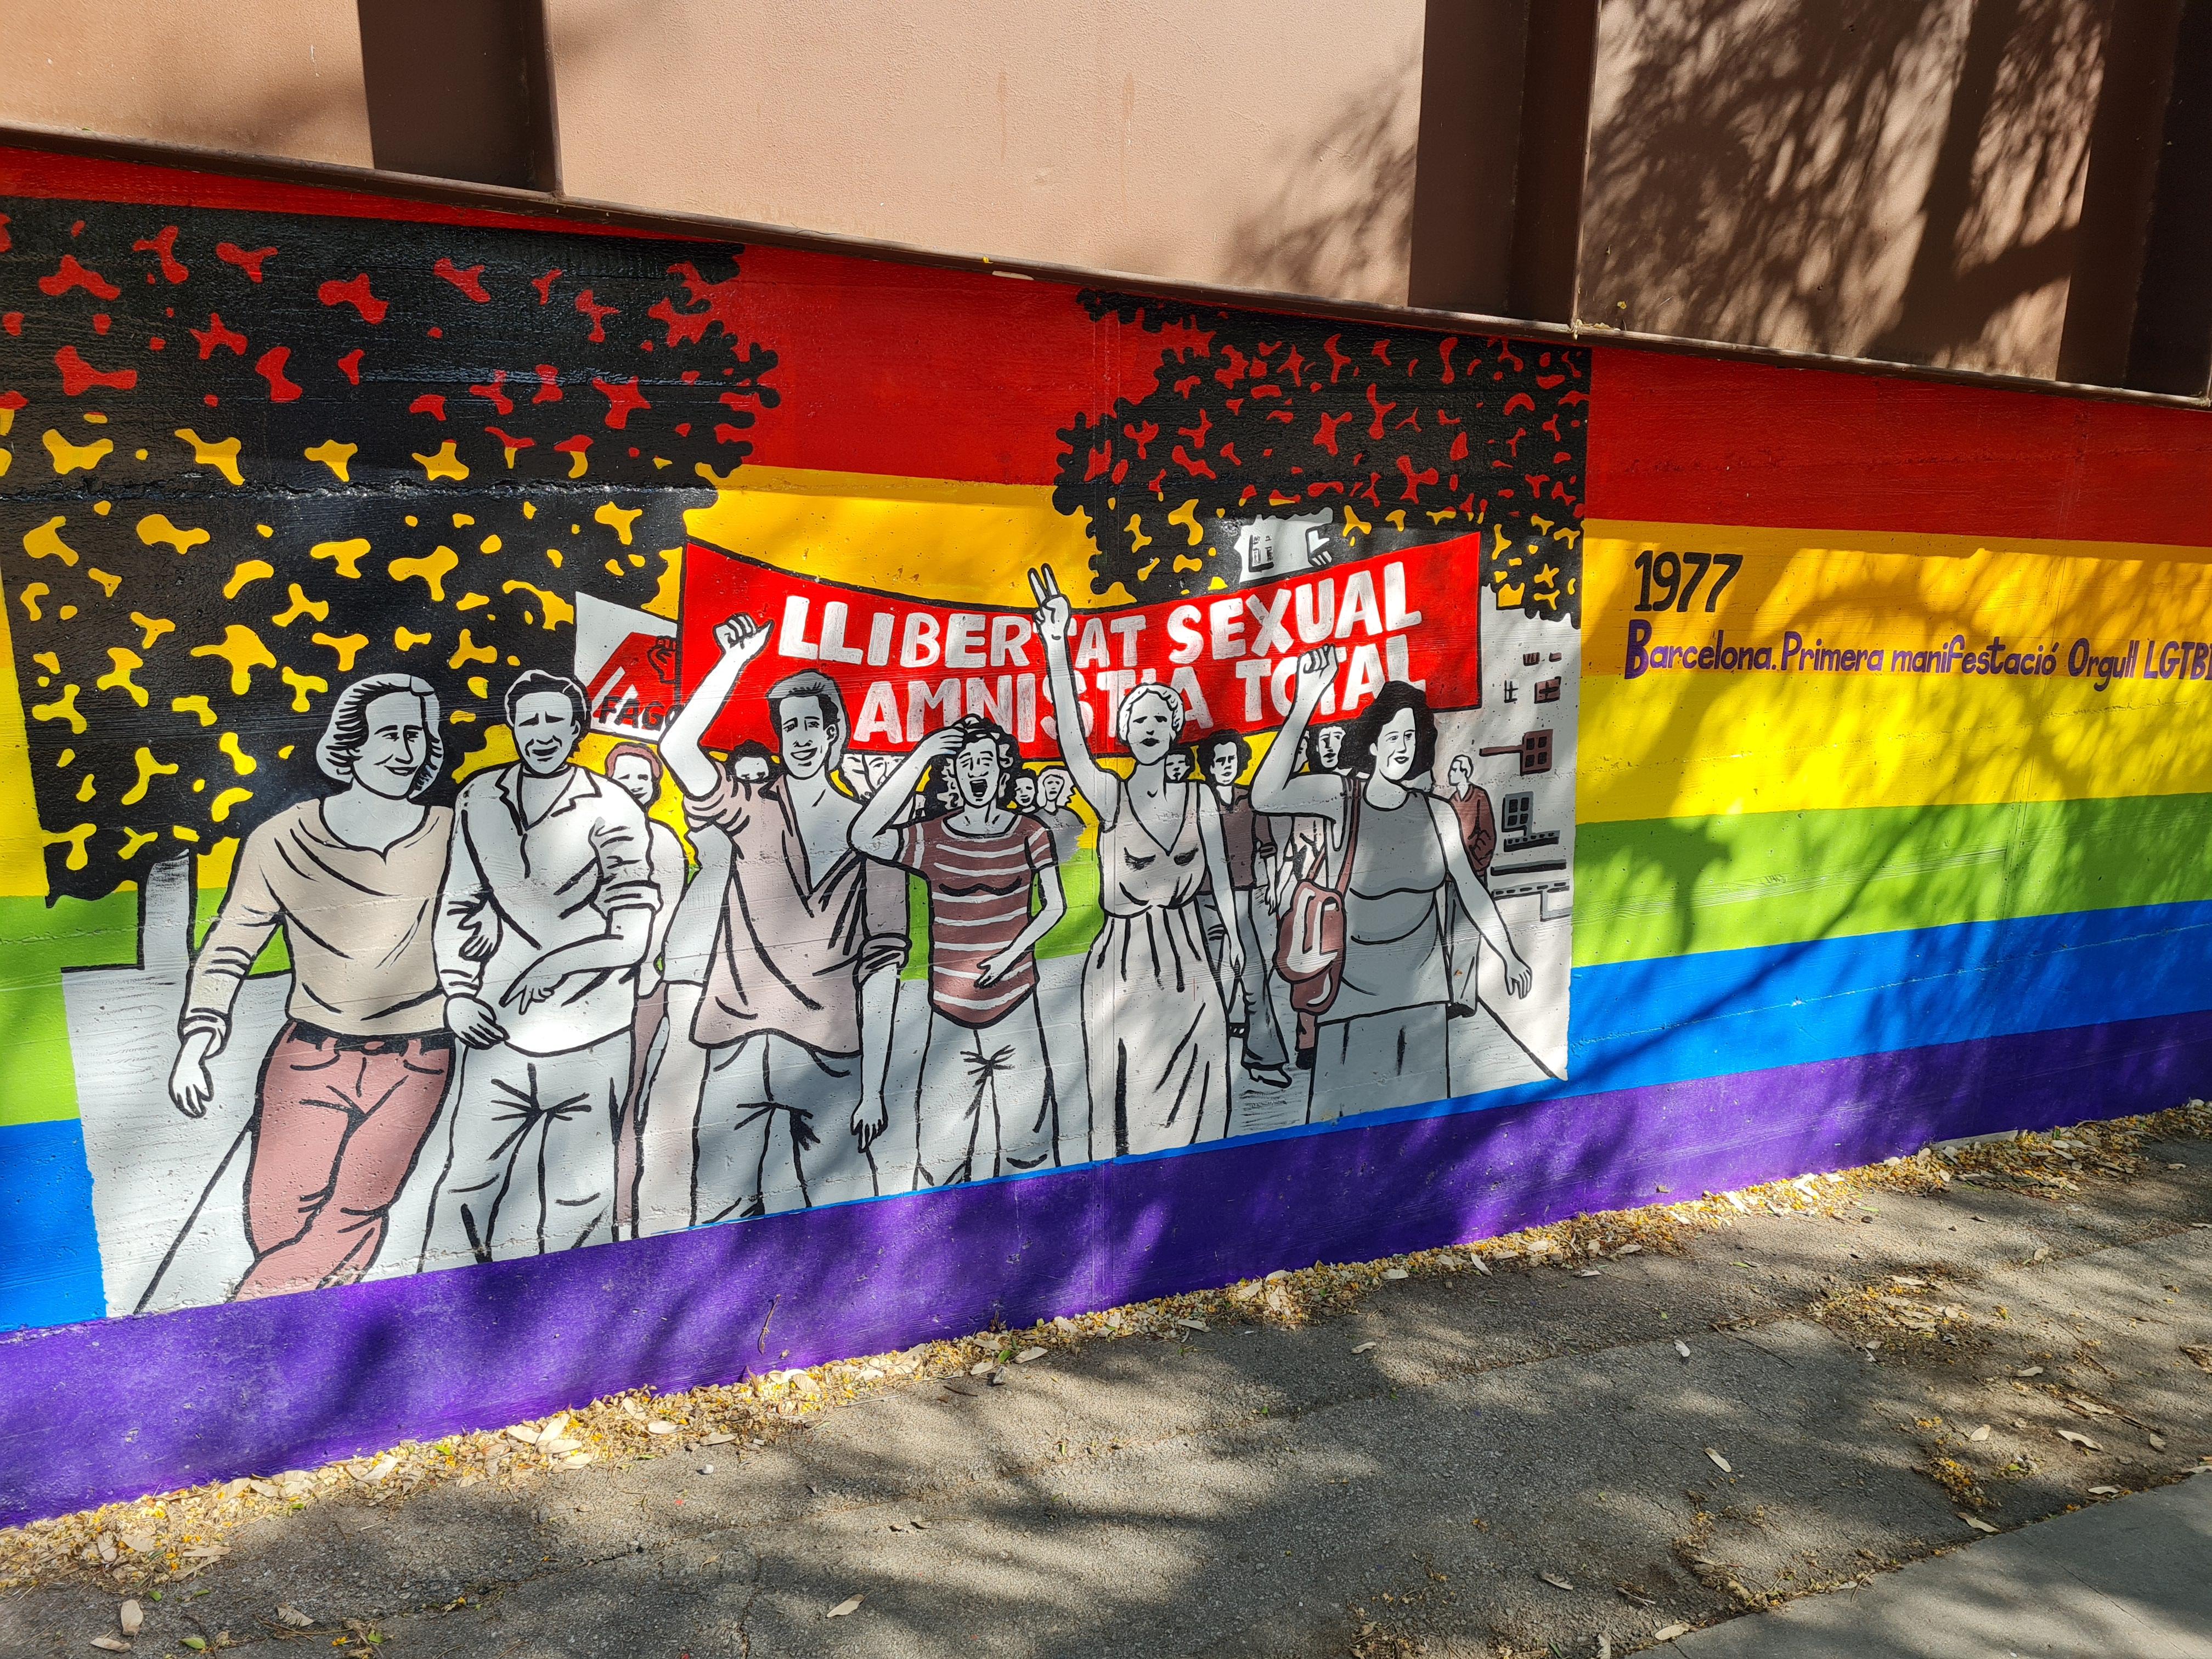 Imatge del mural de la manifestació del 1977 a Barcelona